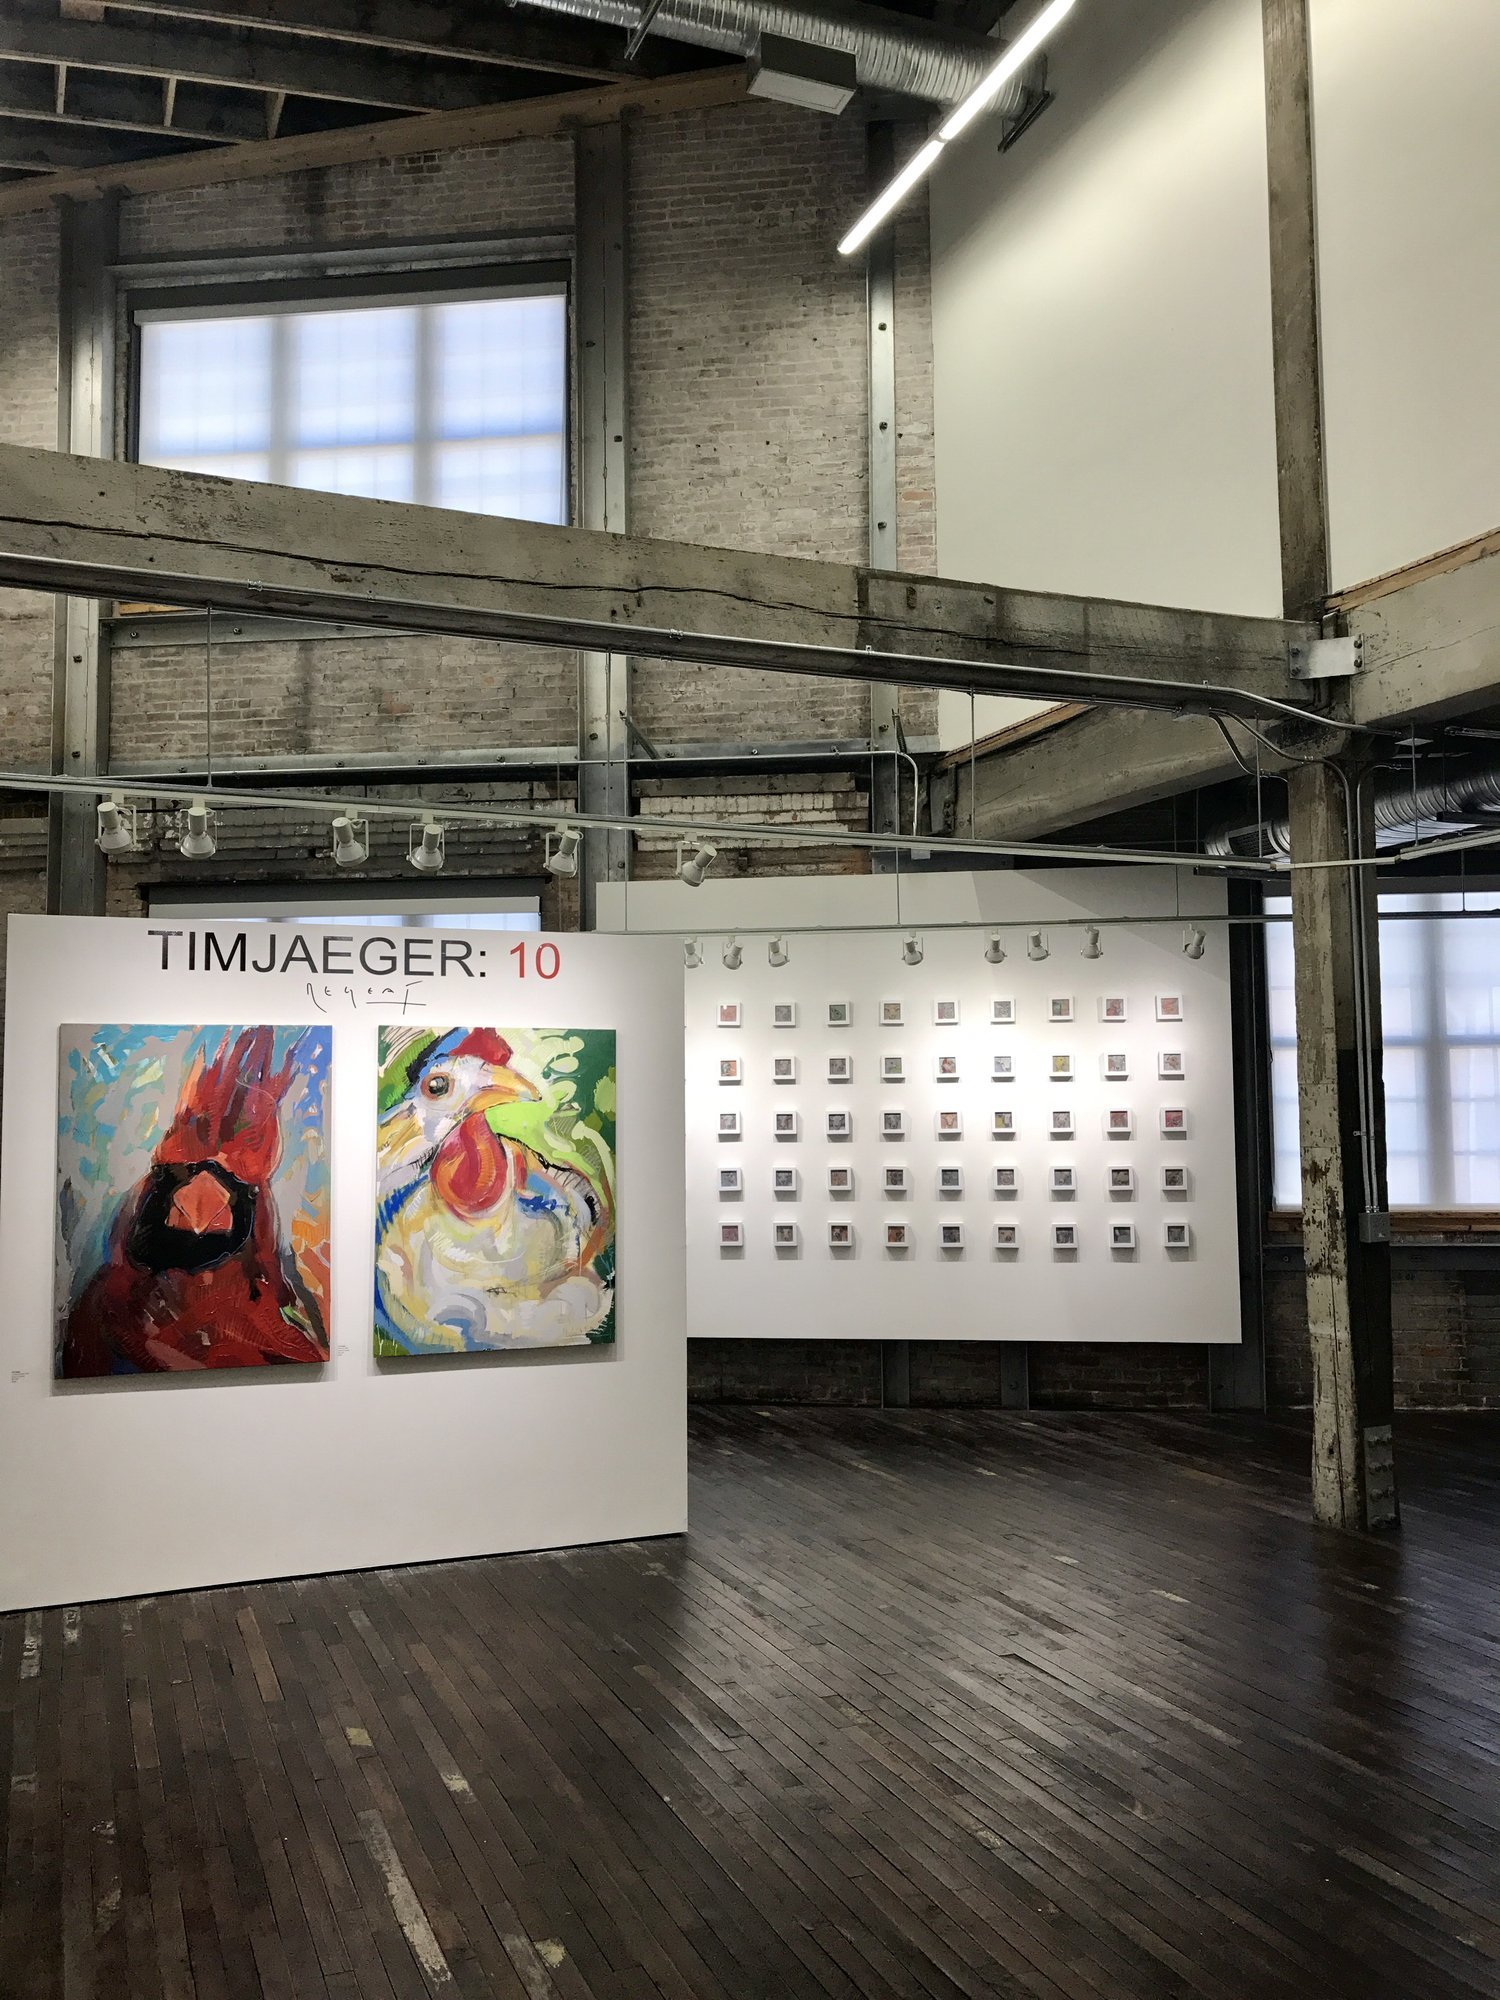 Tim Jaeger:10, Paducah School of Art + Design, 2017